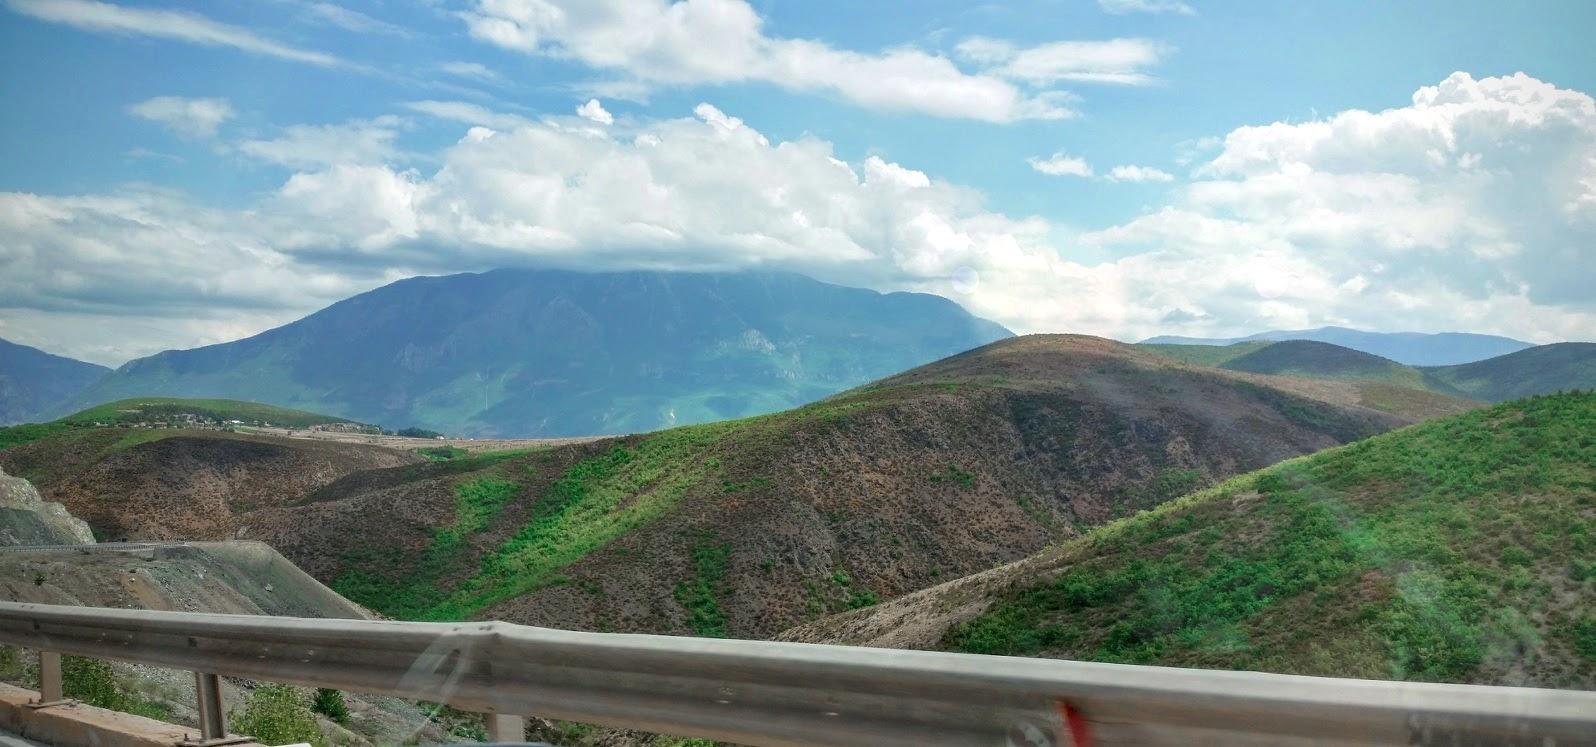 Kosovo mountains